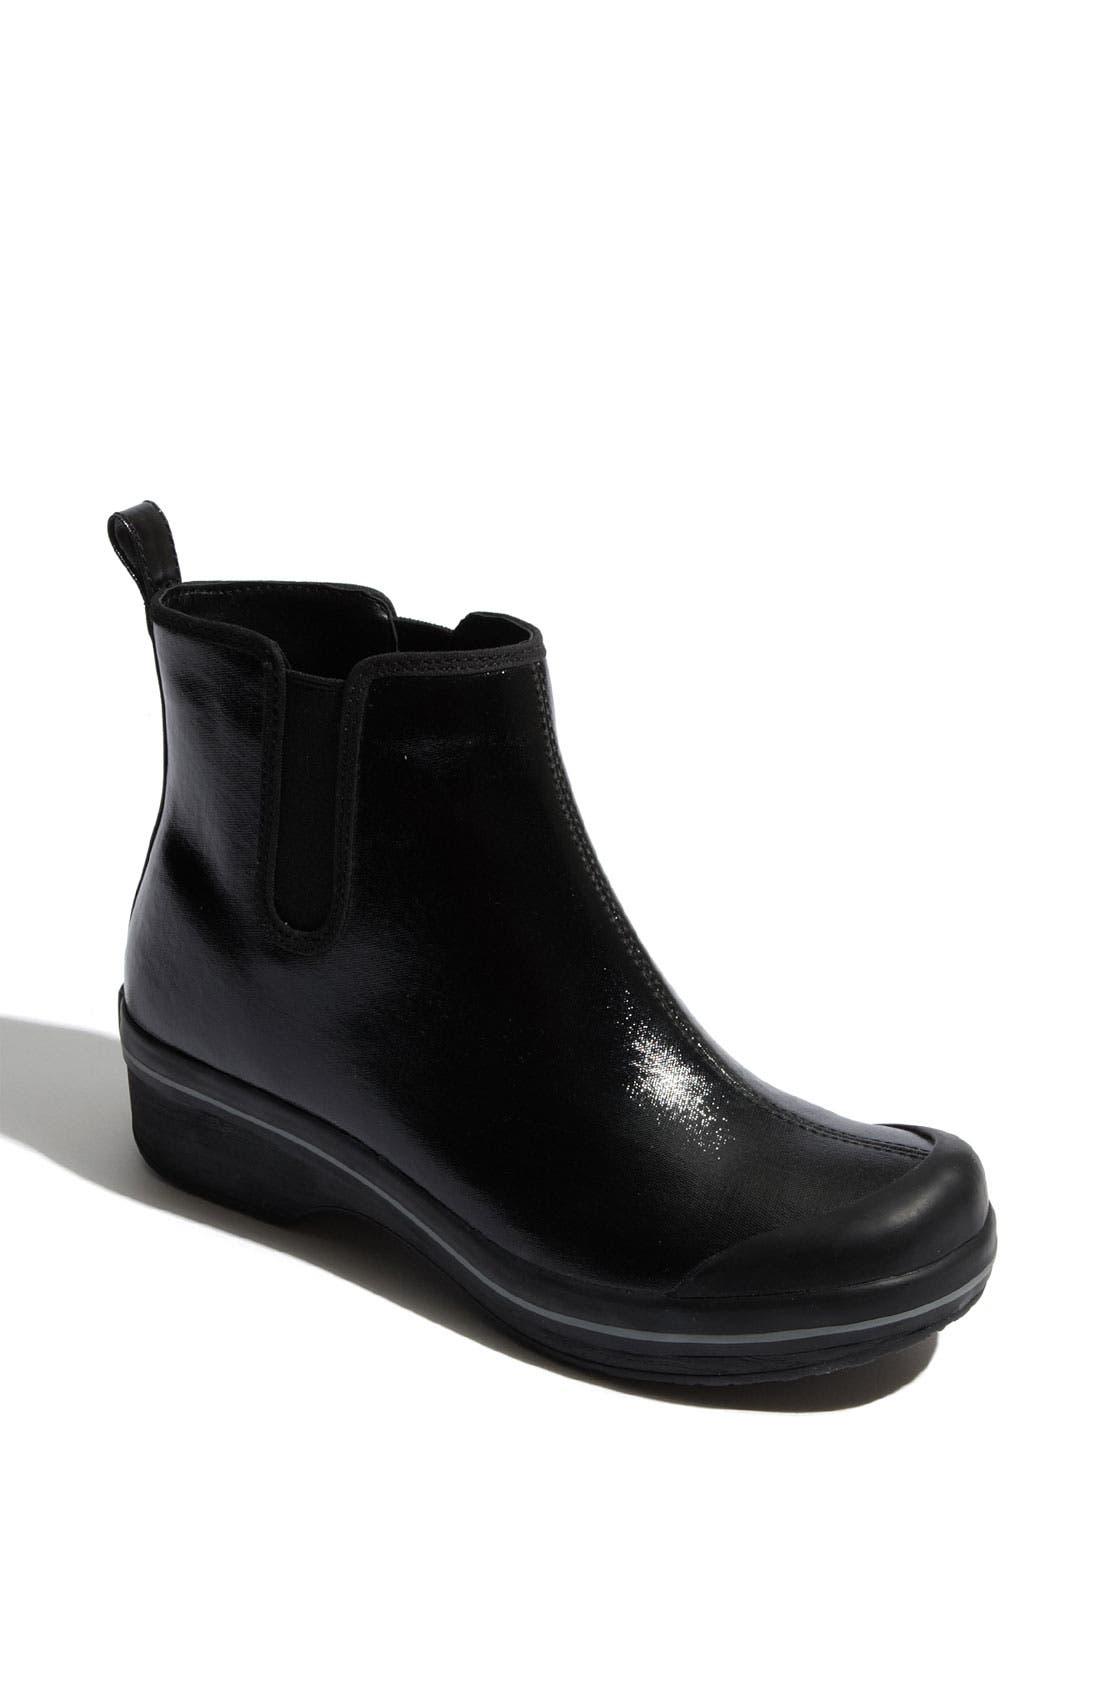 Main Image - Dansko 'Vail' Rain Boot